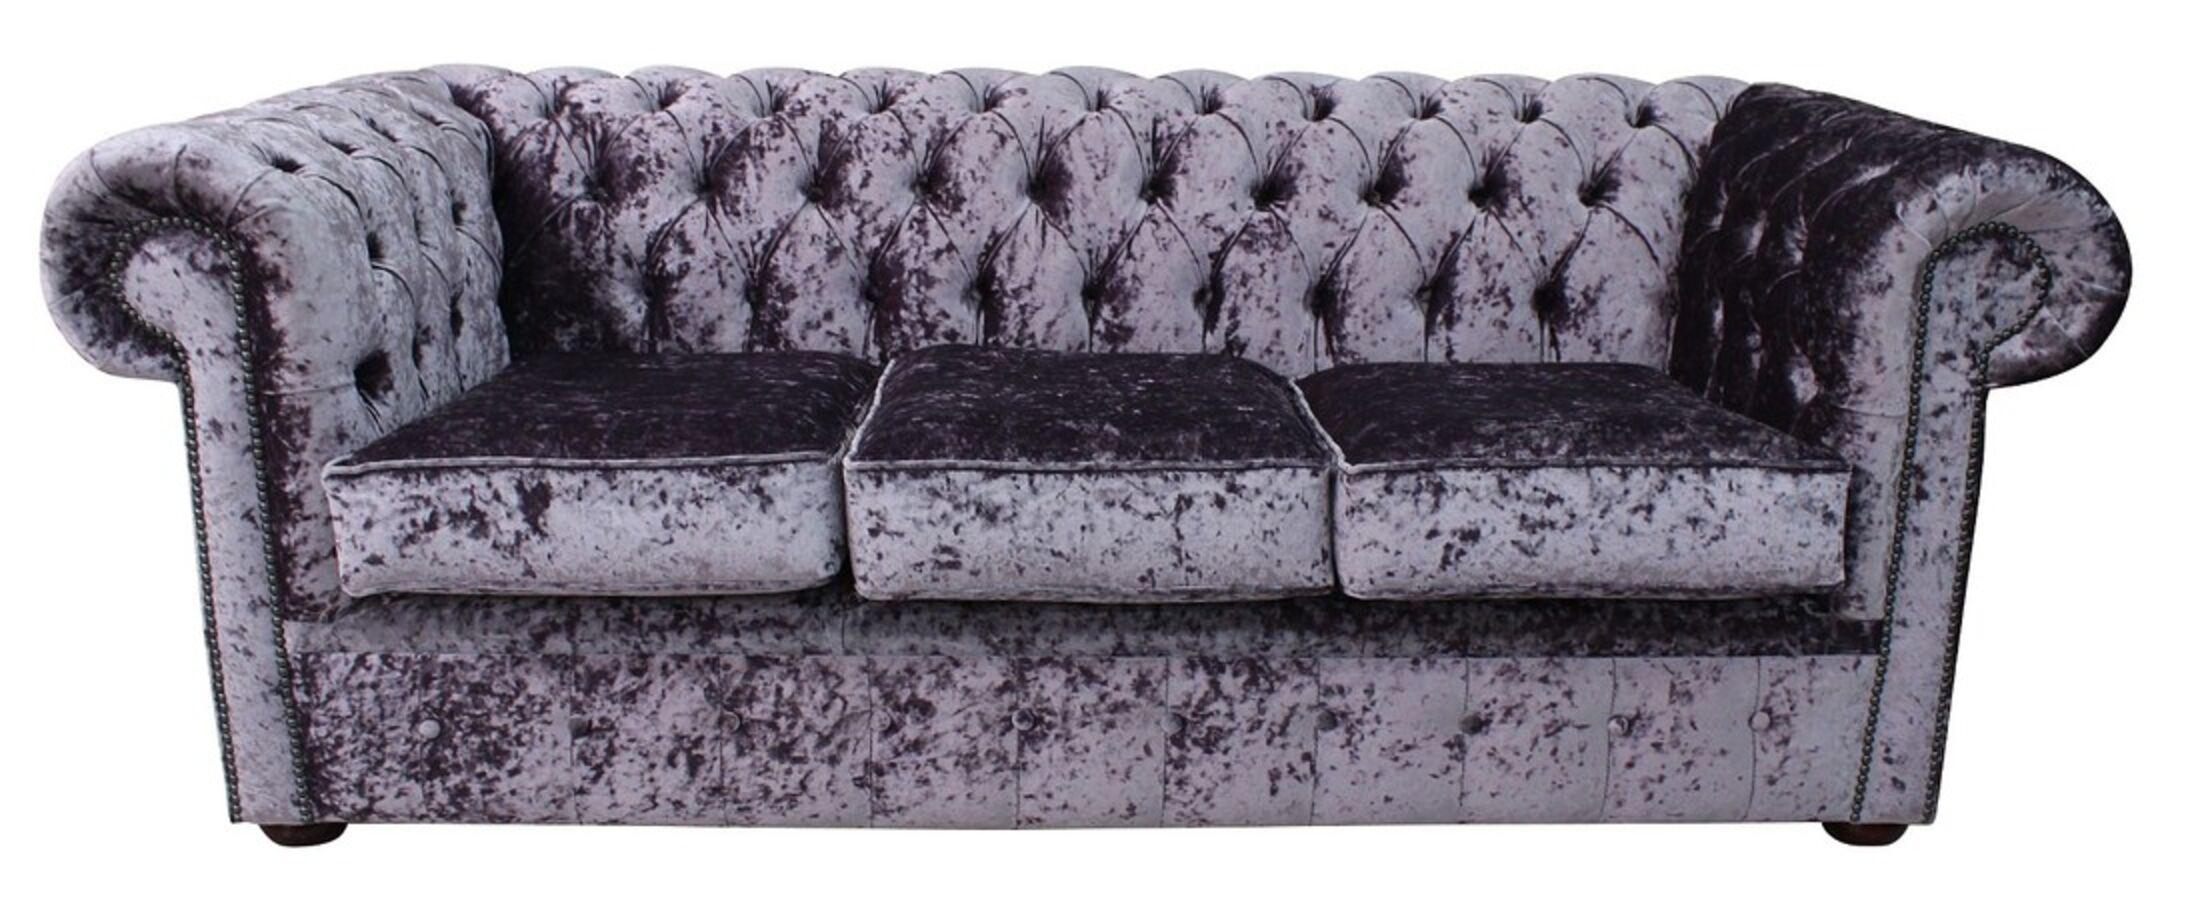 chesterfield sofa buy uk p kolino little reader canada fondant velvet designersofas4u 3 seater settee senso offer